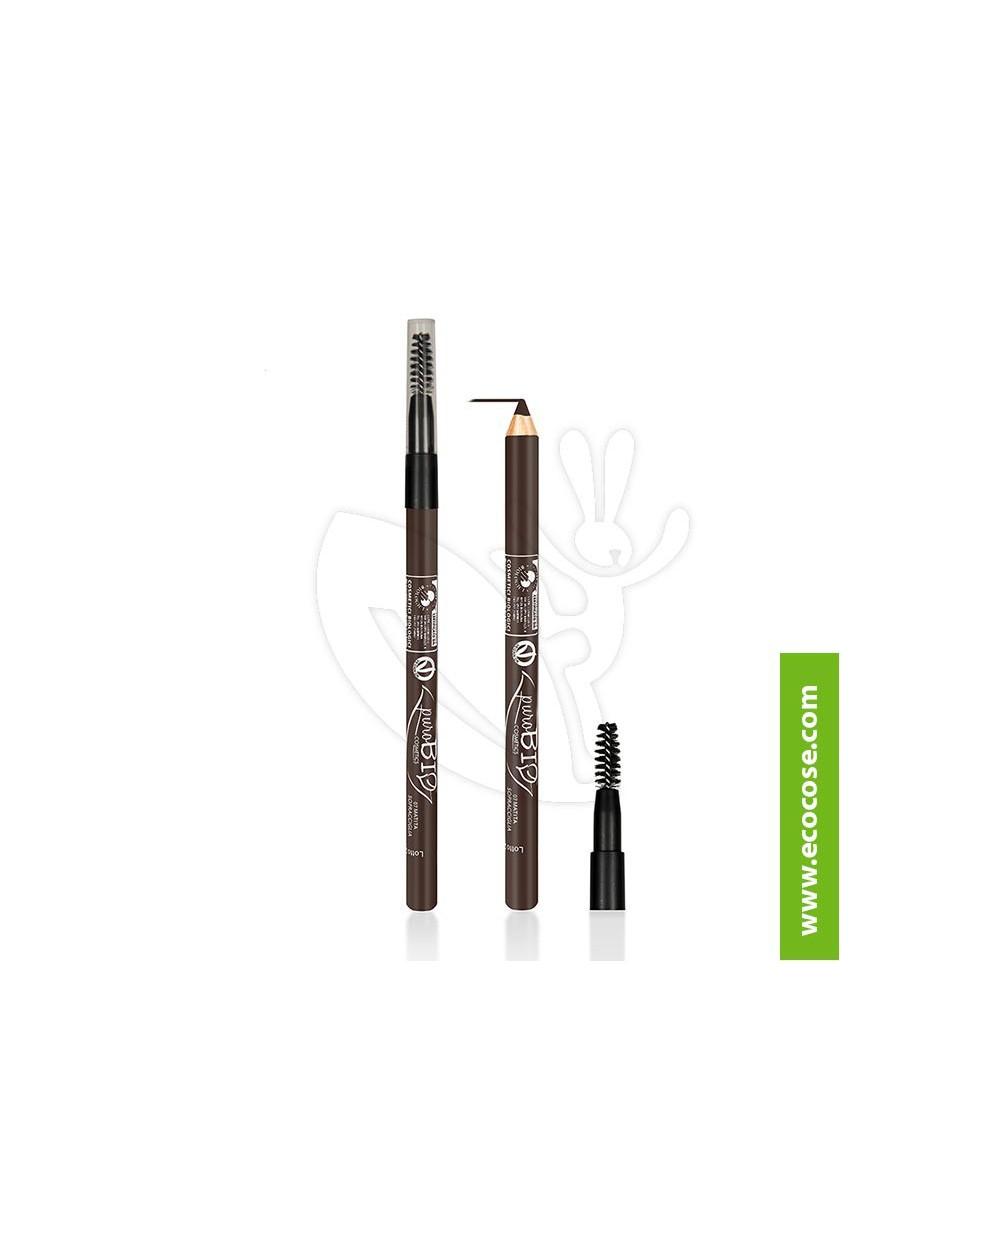 PuroBIO Cosmetics - Matita Sopraccigliare 07 *NEW*